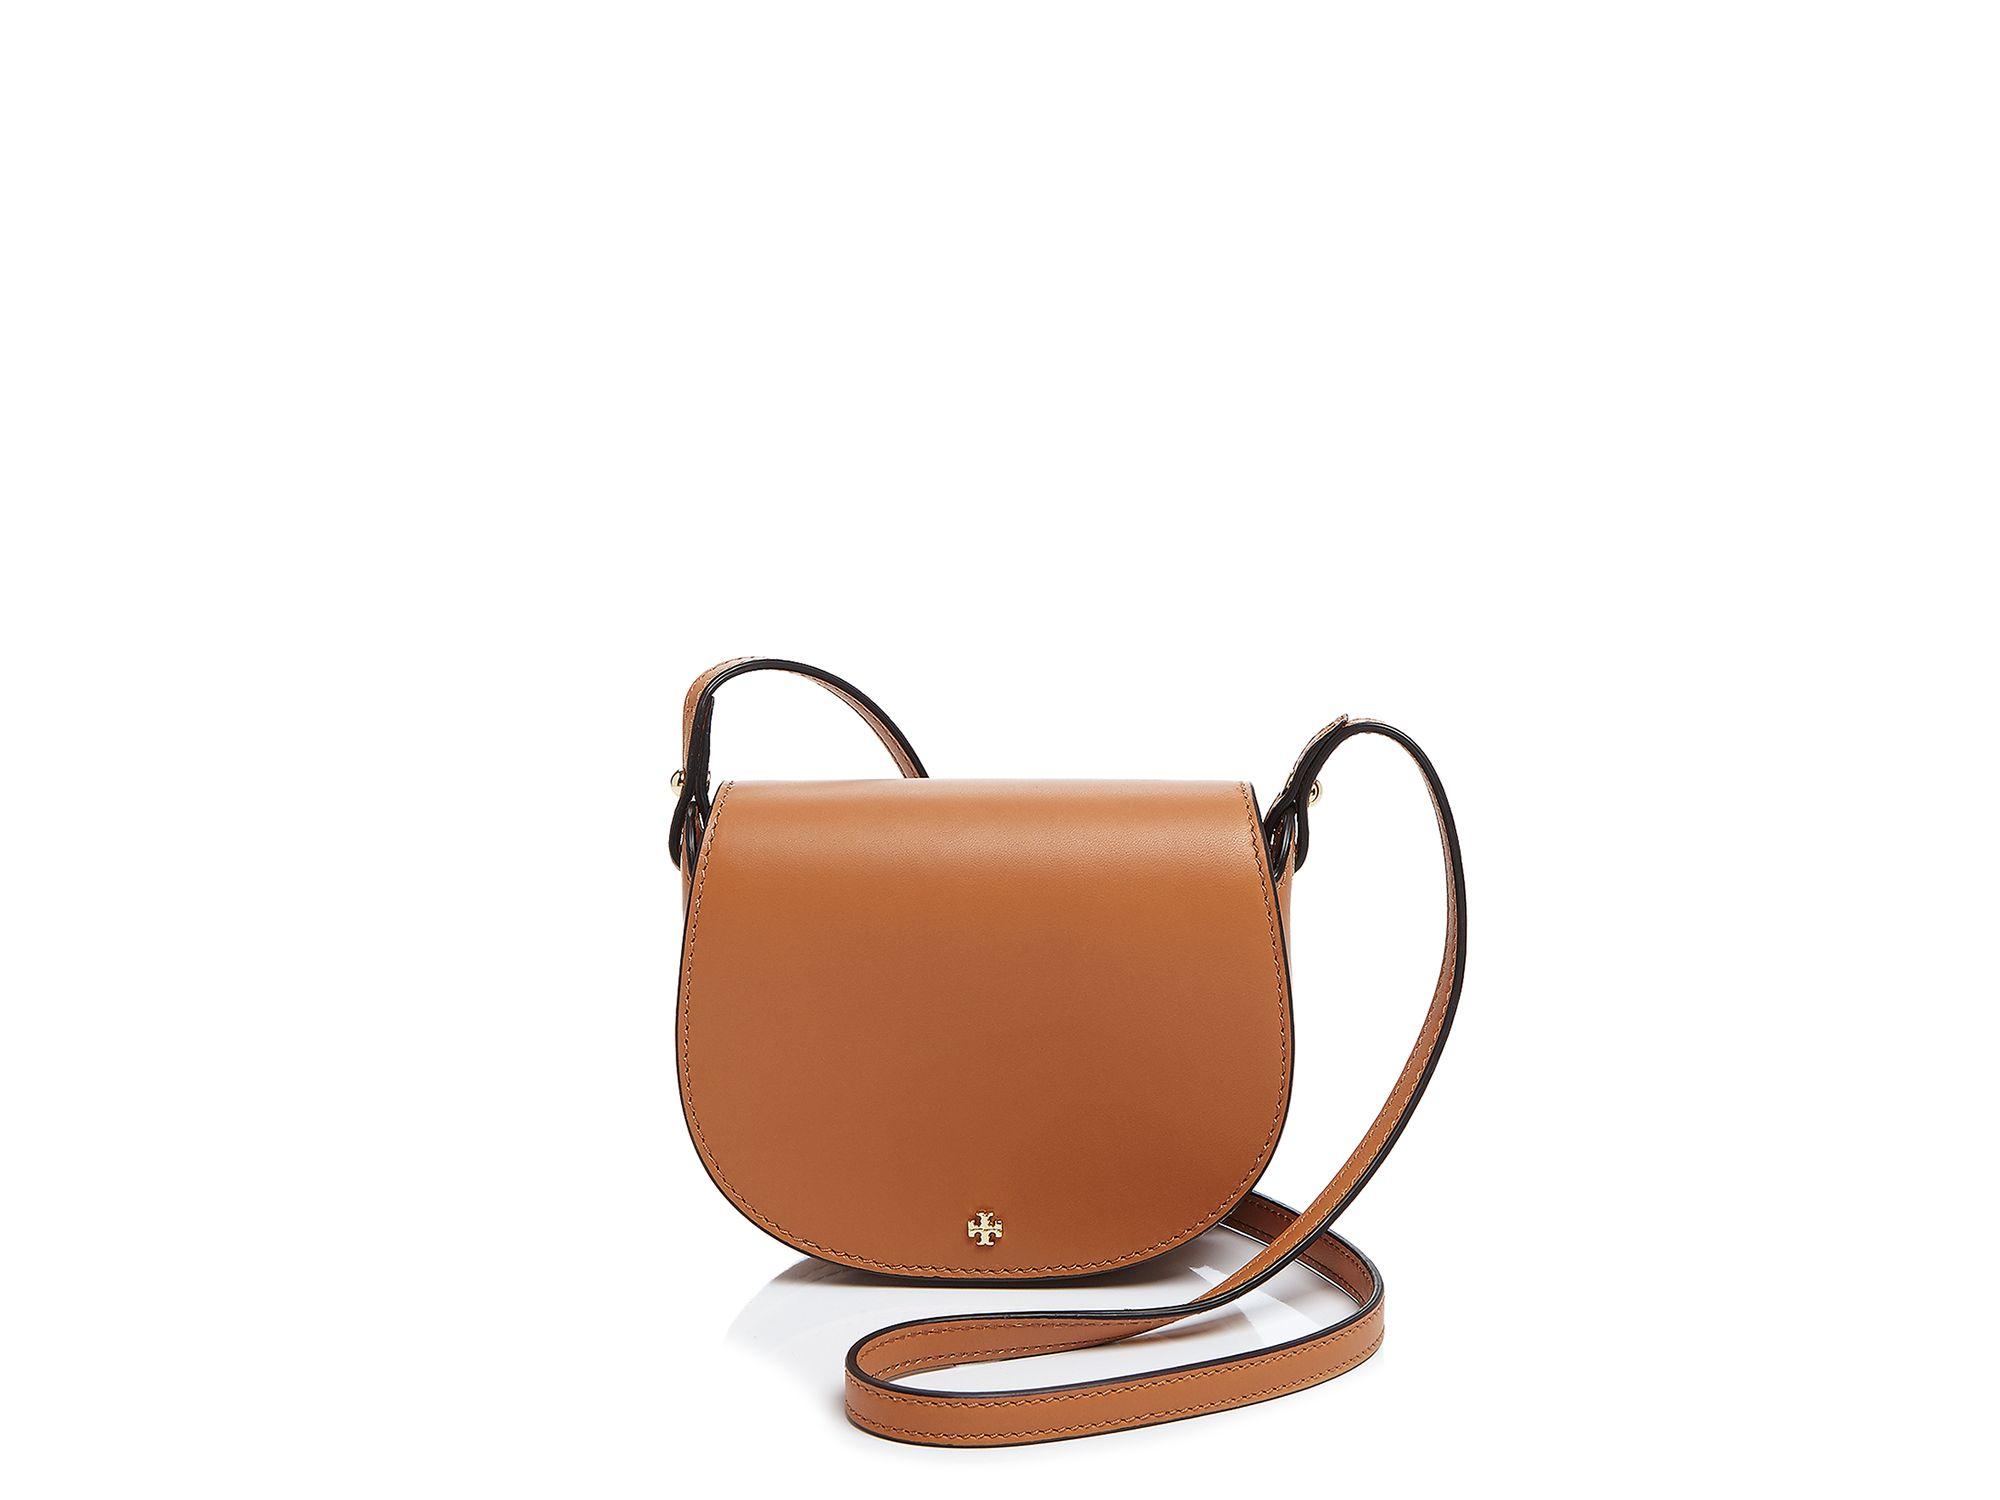 6ddf4c54f60 Lyst - Tory Burch Mini Saddle Bag in Natural